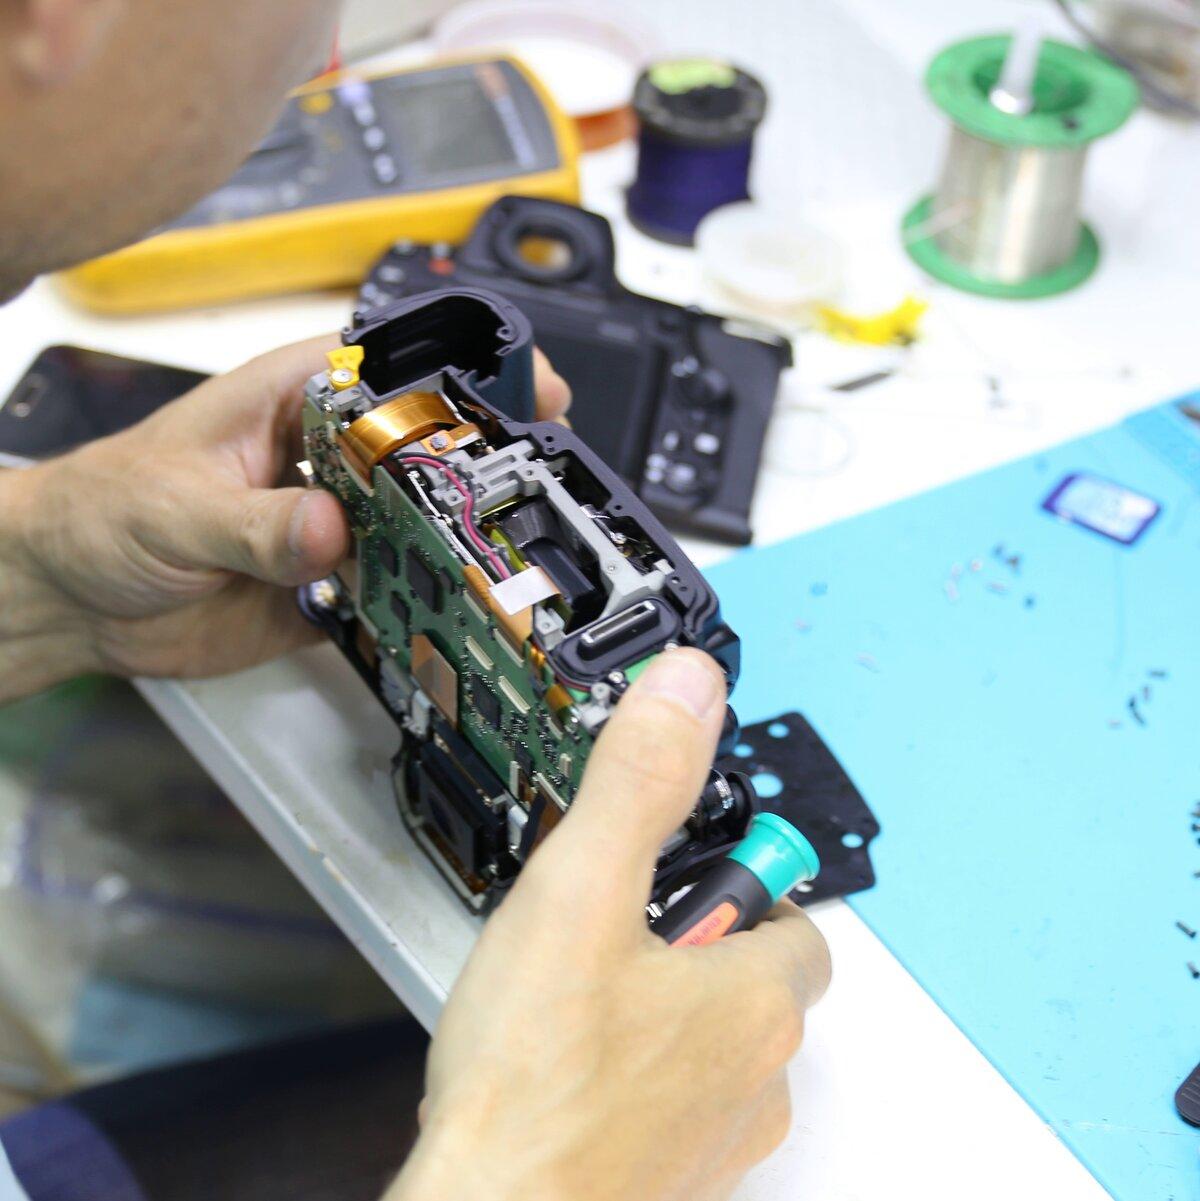 основную часть ремонт фотоаппаратов астана отлично туда